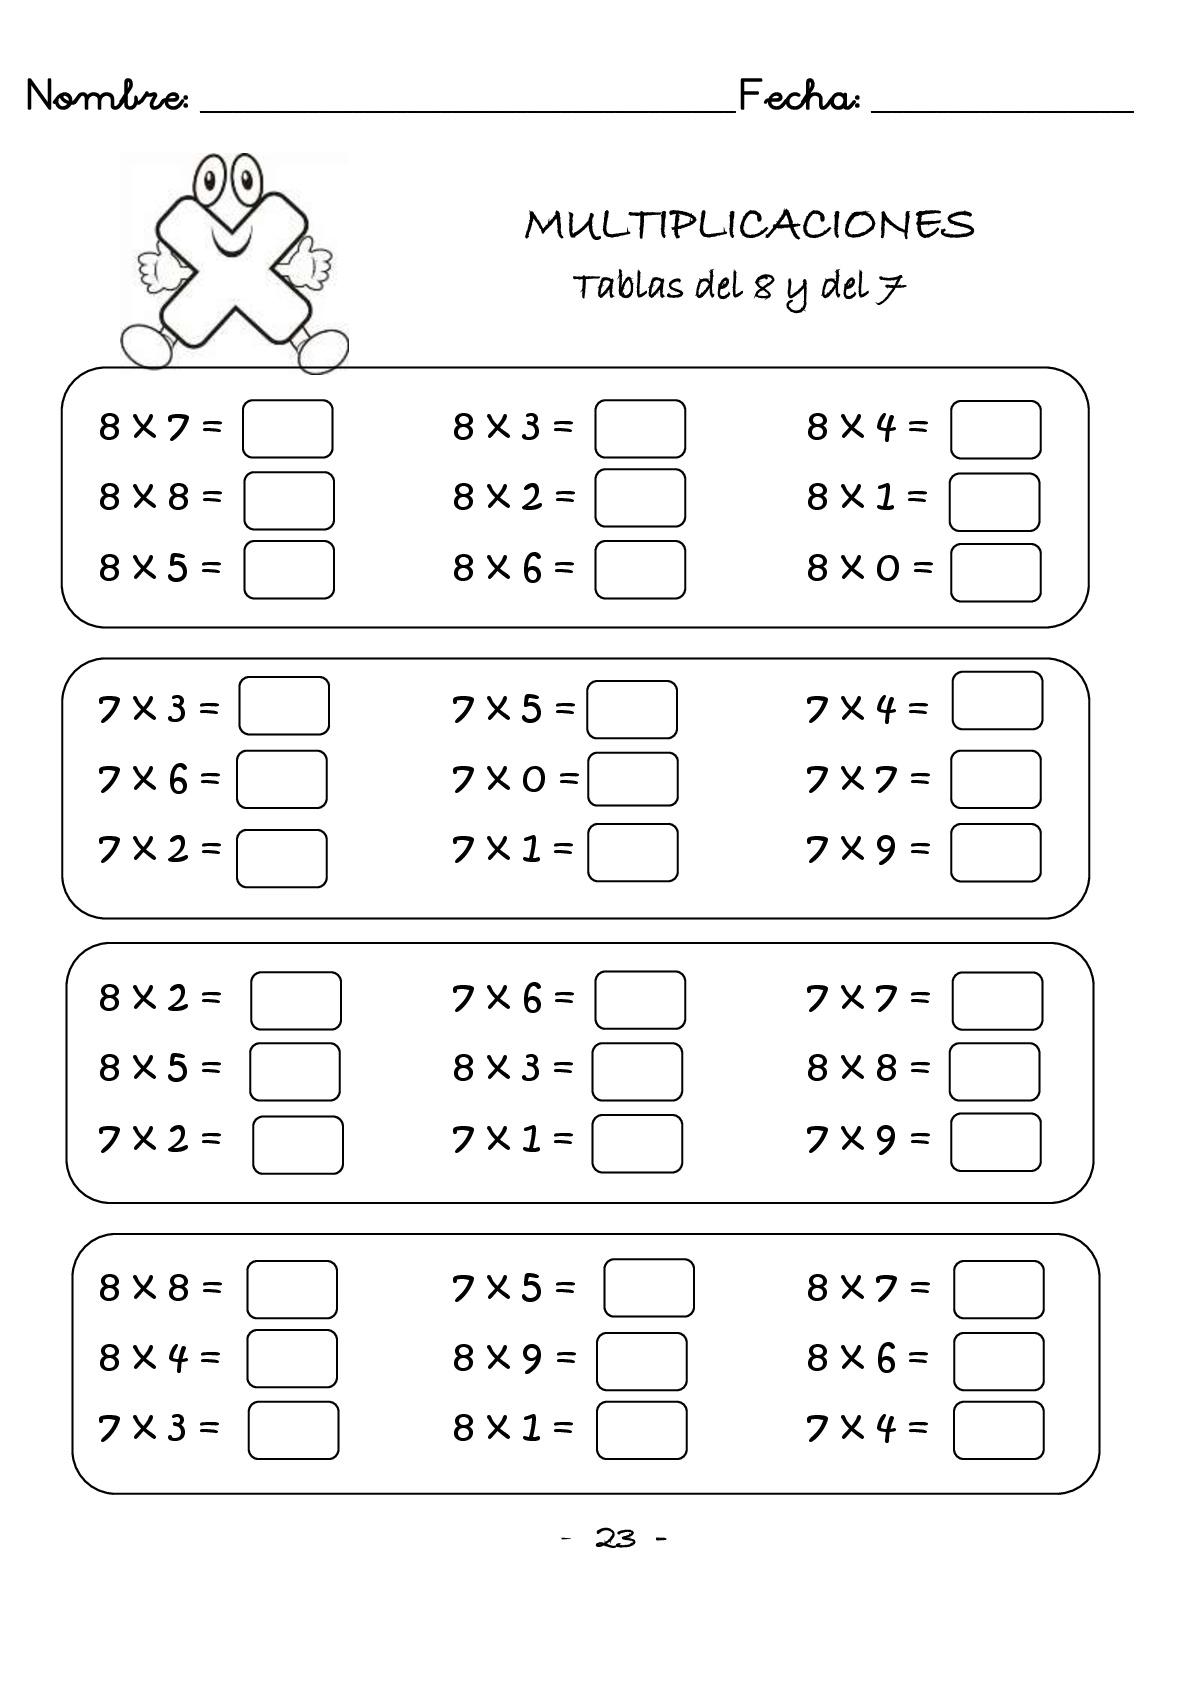 multiplicaciones-rapidas-una-cifra-protegido-024